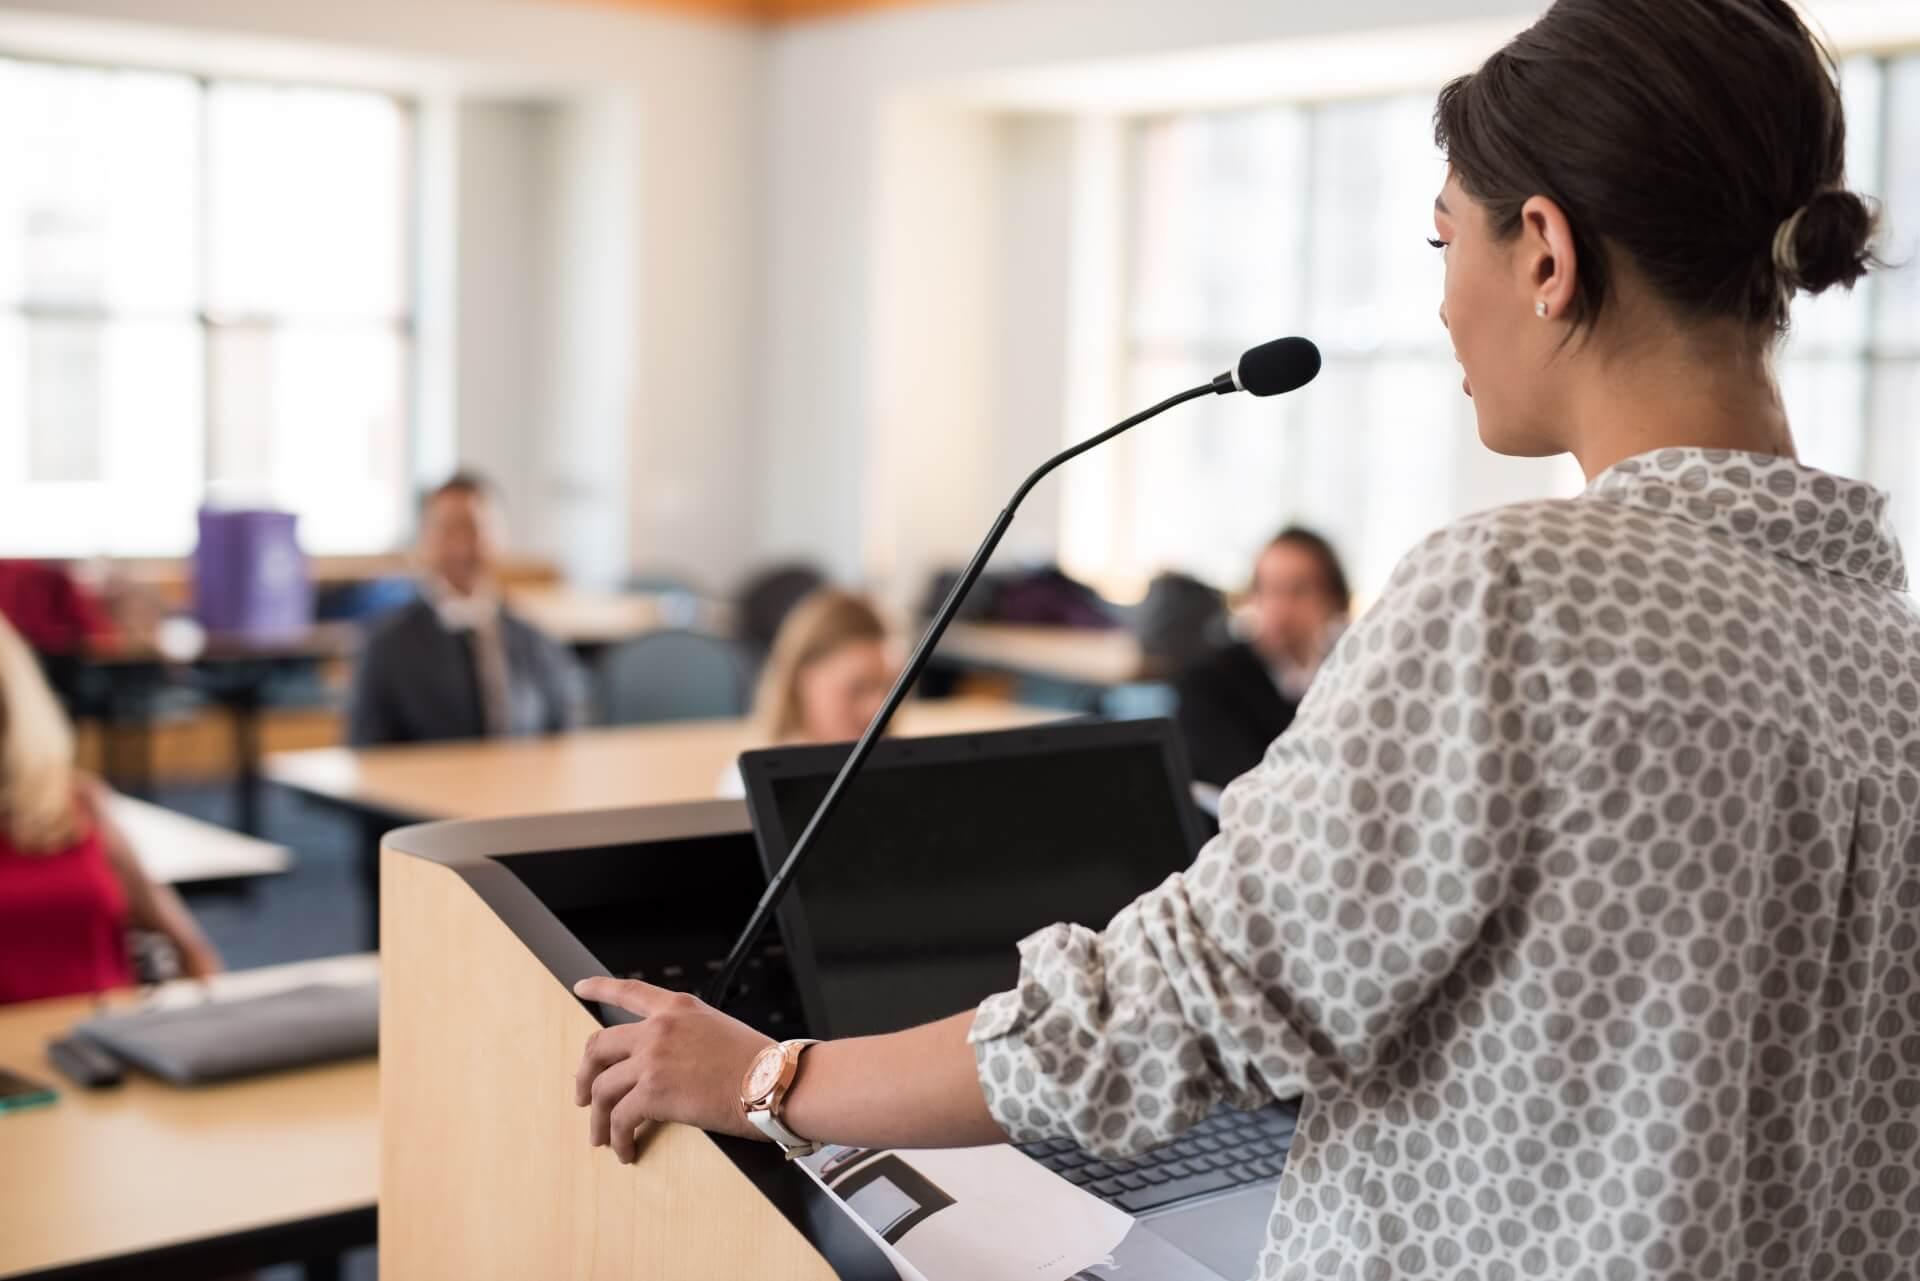 セミナーとは?講演会や研修との違いを解説